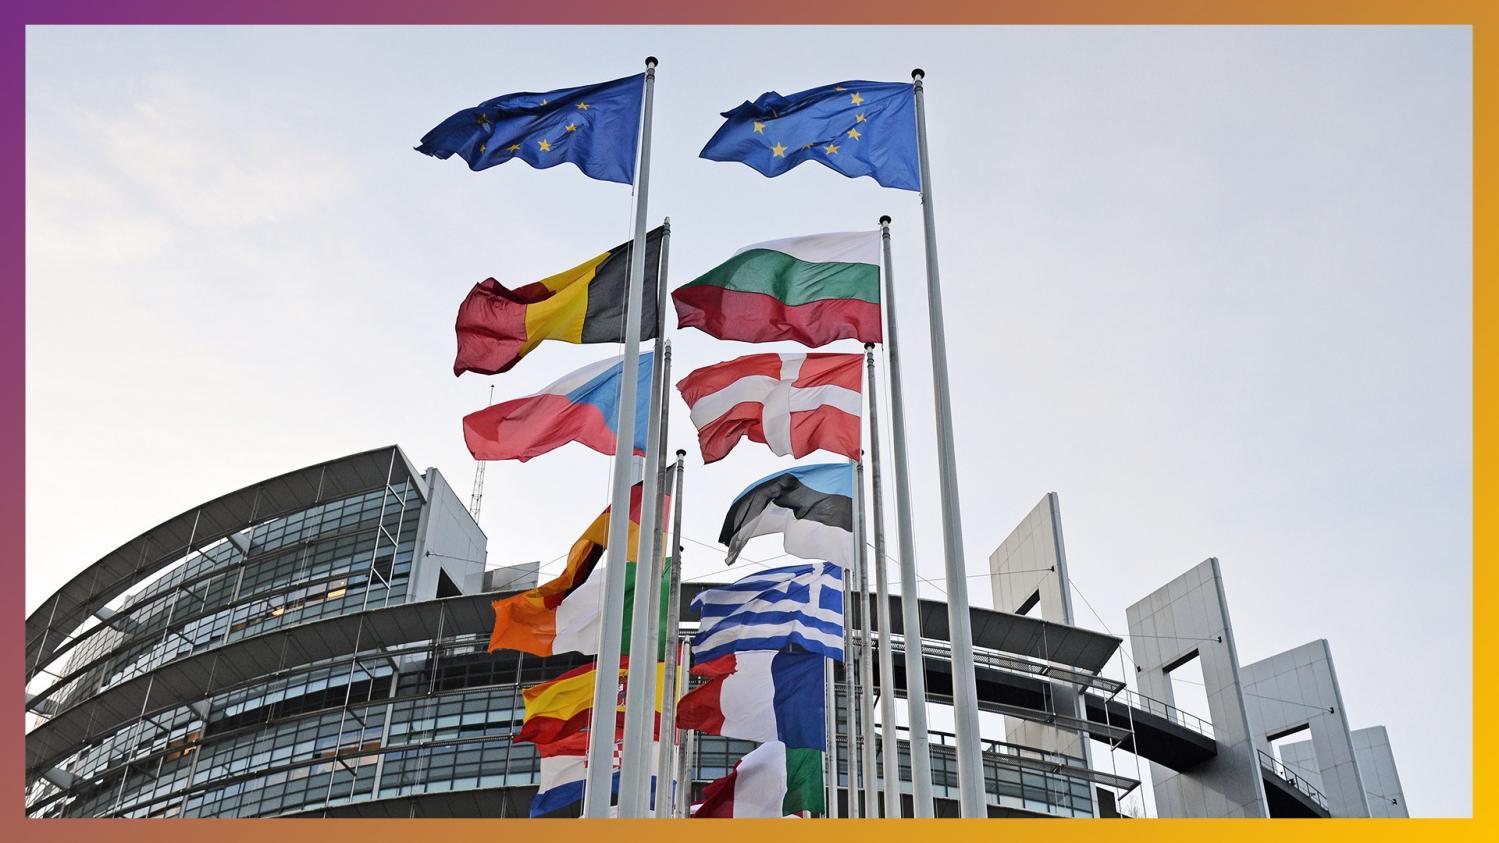 Les idées claires : L'Europe est-elle aux mains des lobbies